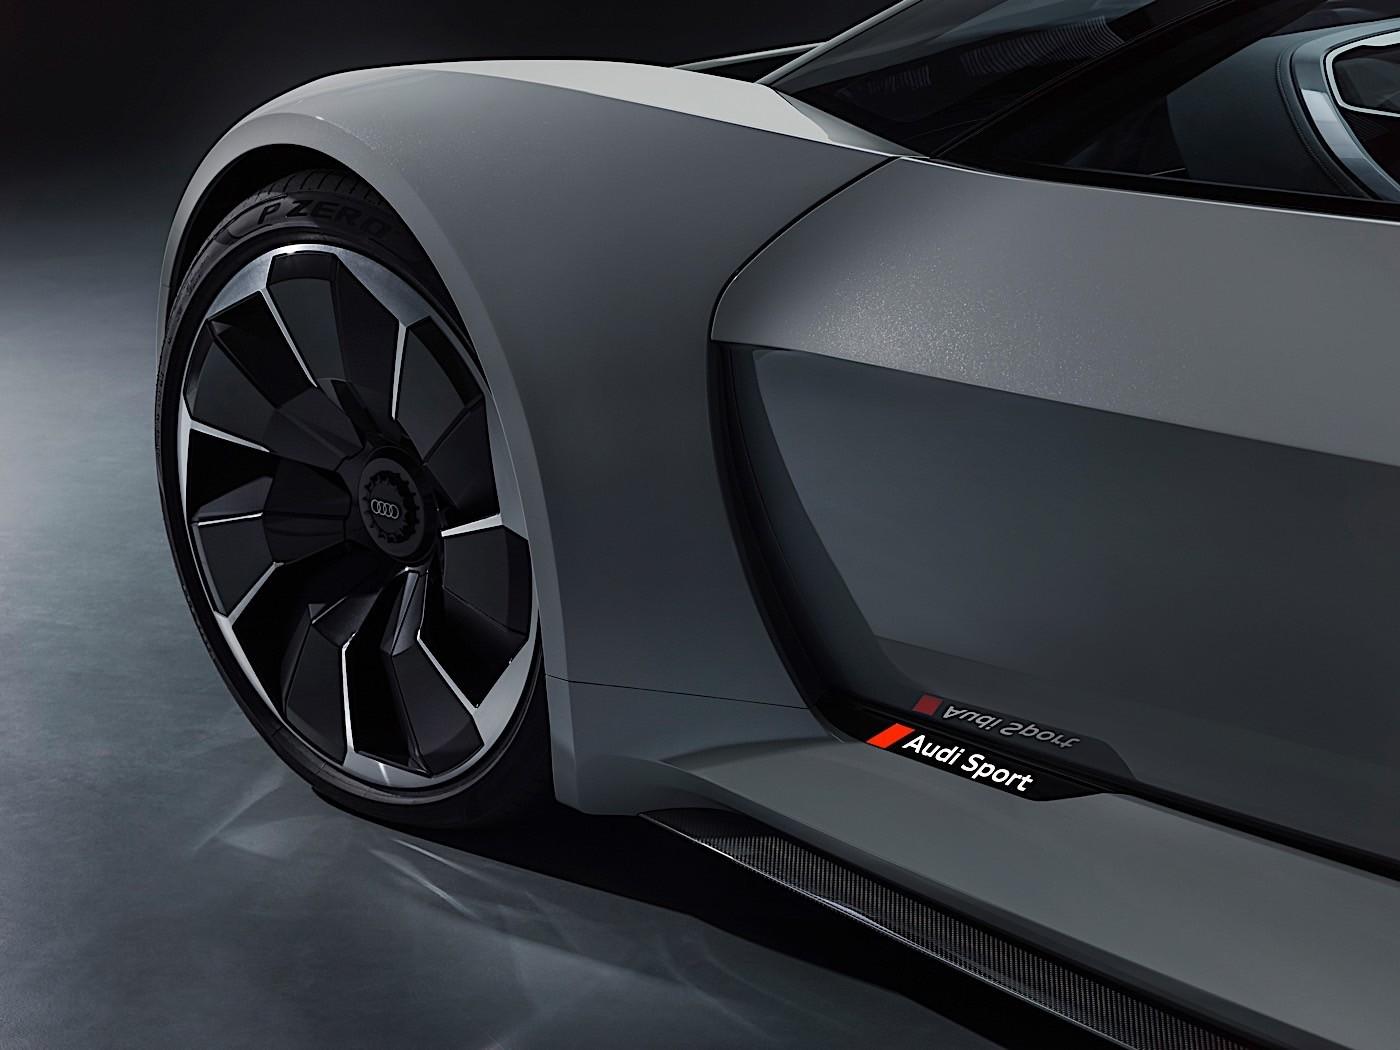 Daniel Auto Sales >> Audi PB18 e-tron Concept Car Is a Californian Nod to Le Mans Racing - autoevolution